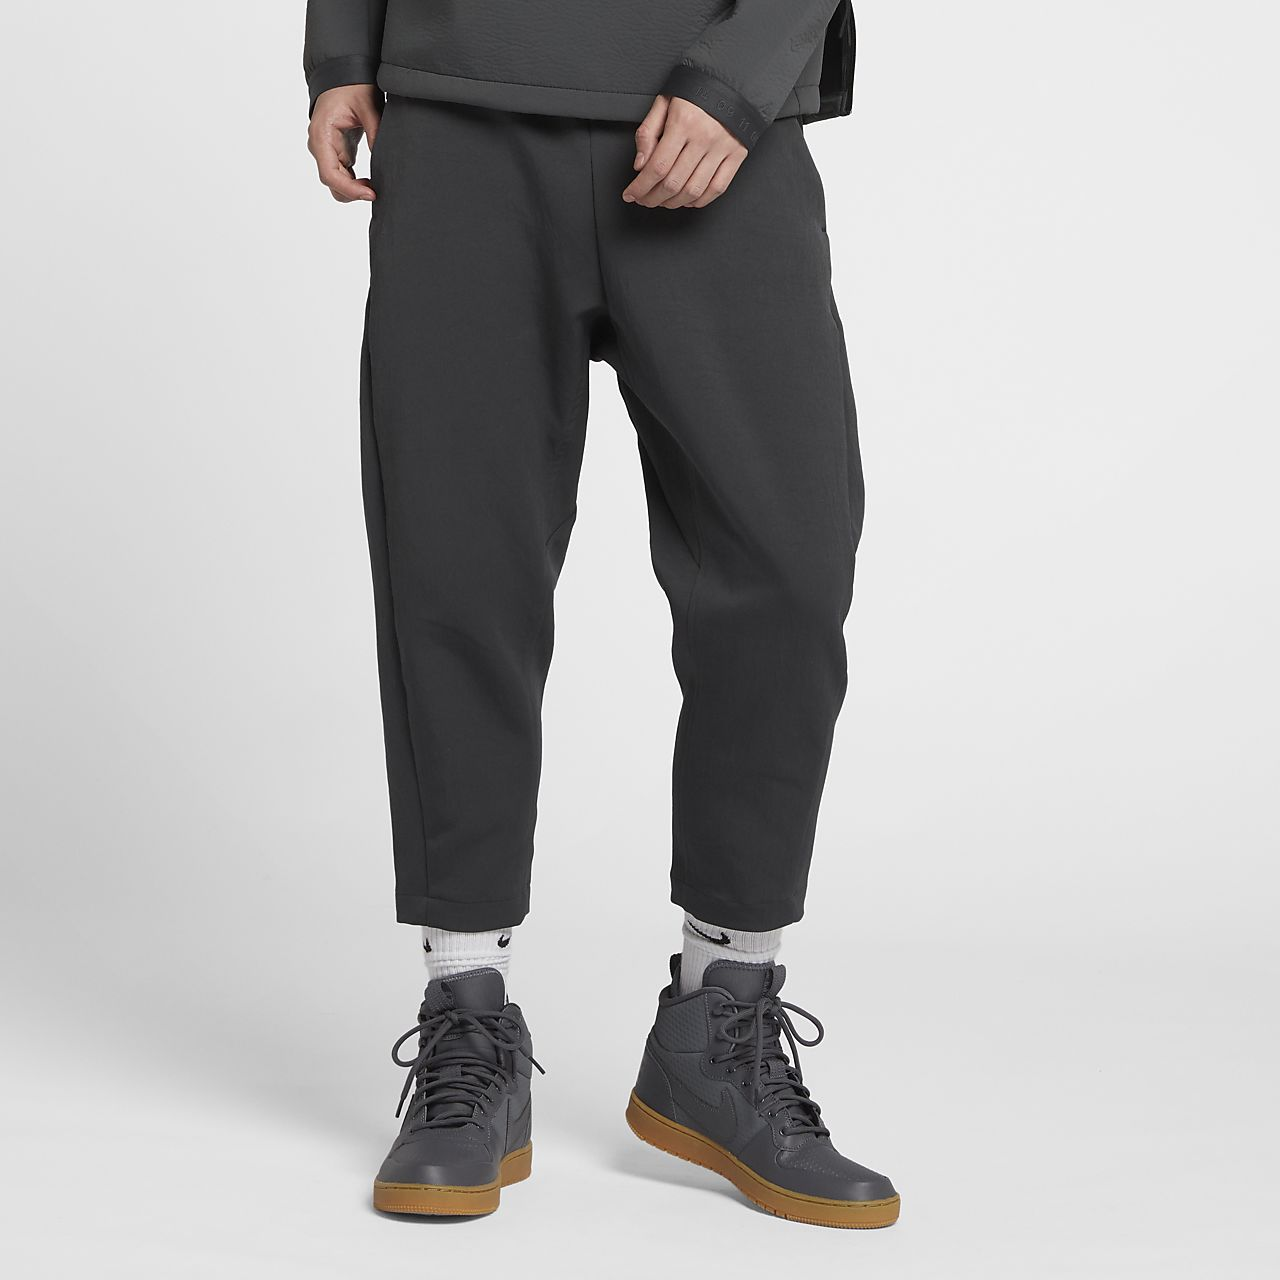 Nike Sportswear Tech Pack 男子梭织中长裤